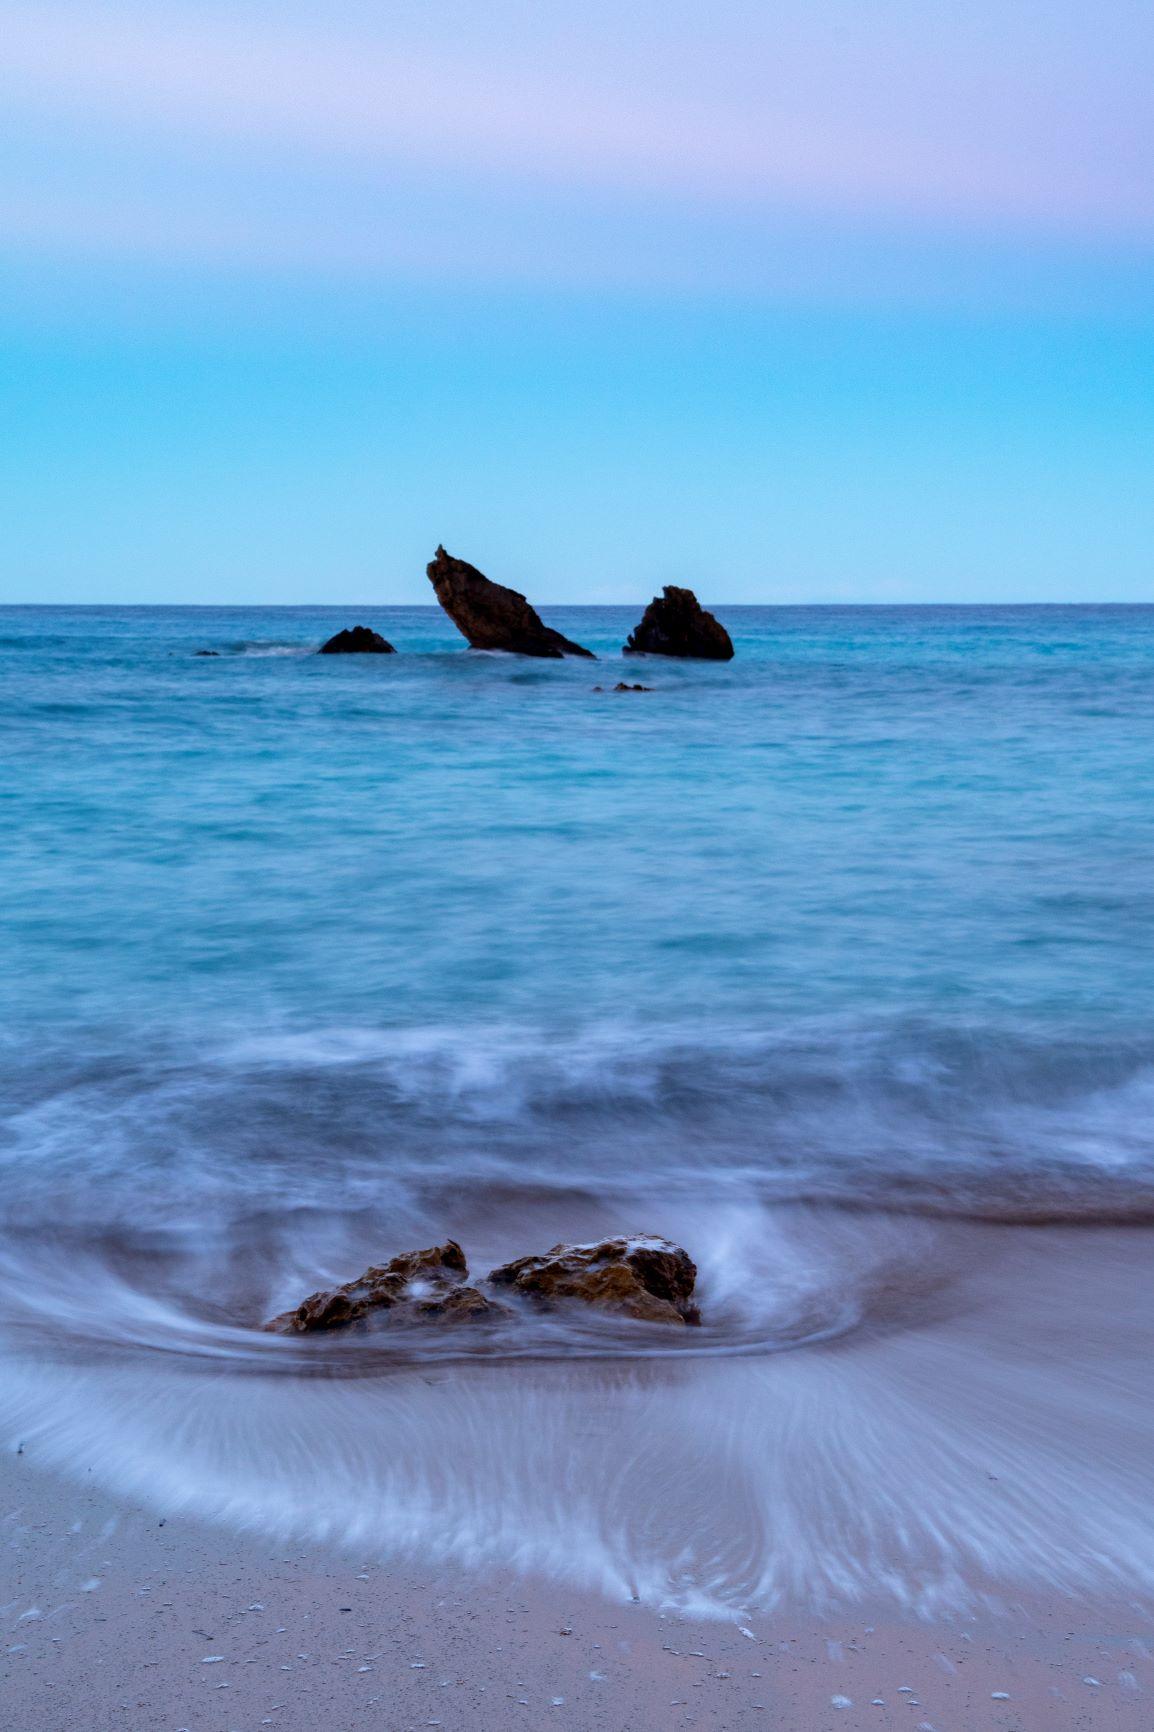 Mare - Certamen d'Arts Visuals per a la Conservació de la Mar Balear